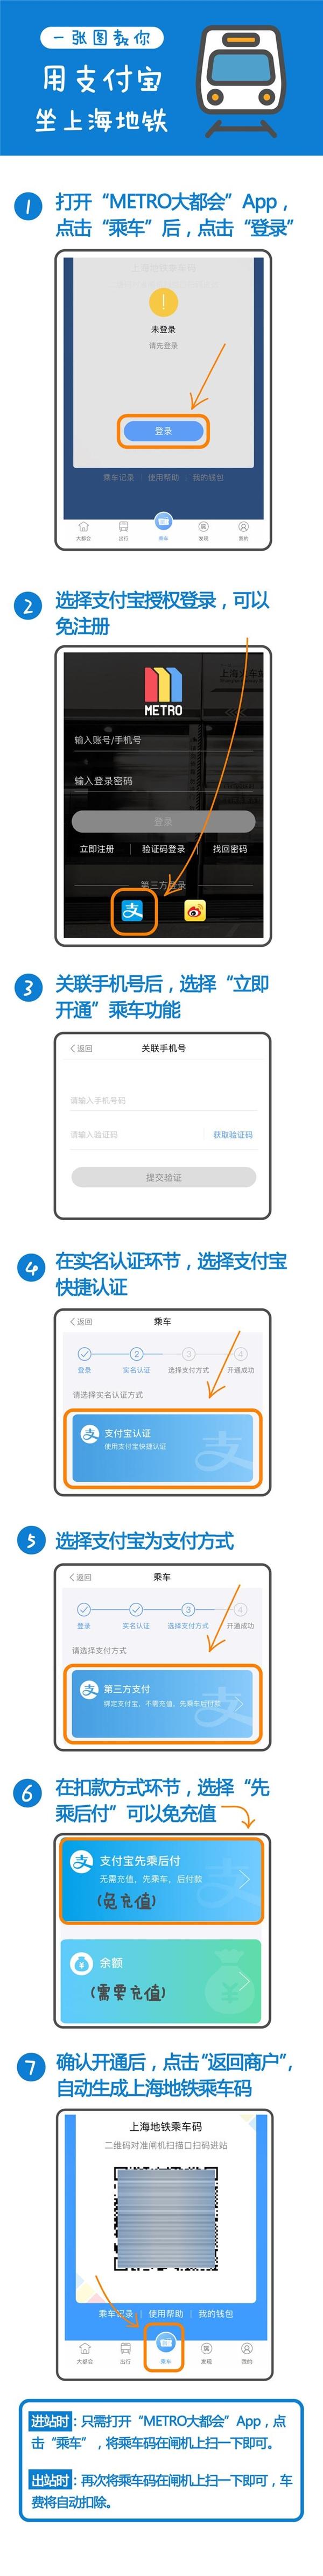 支付宝接入上海地铁,首次免费,还有8折